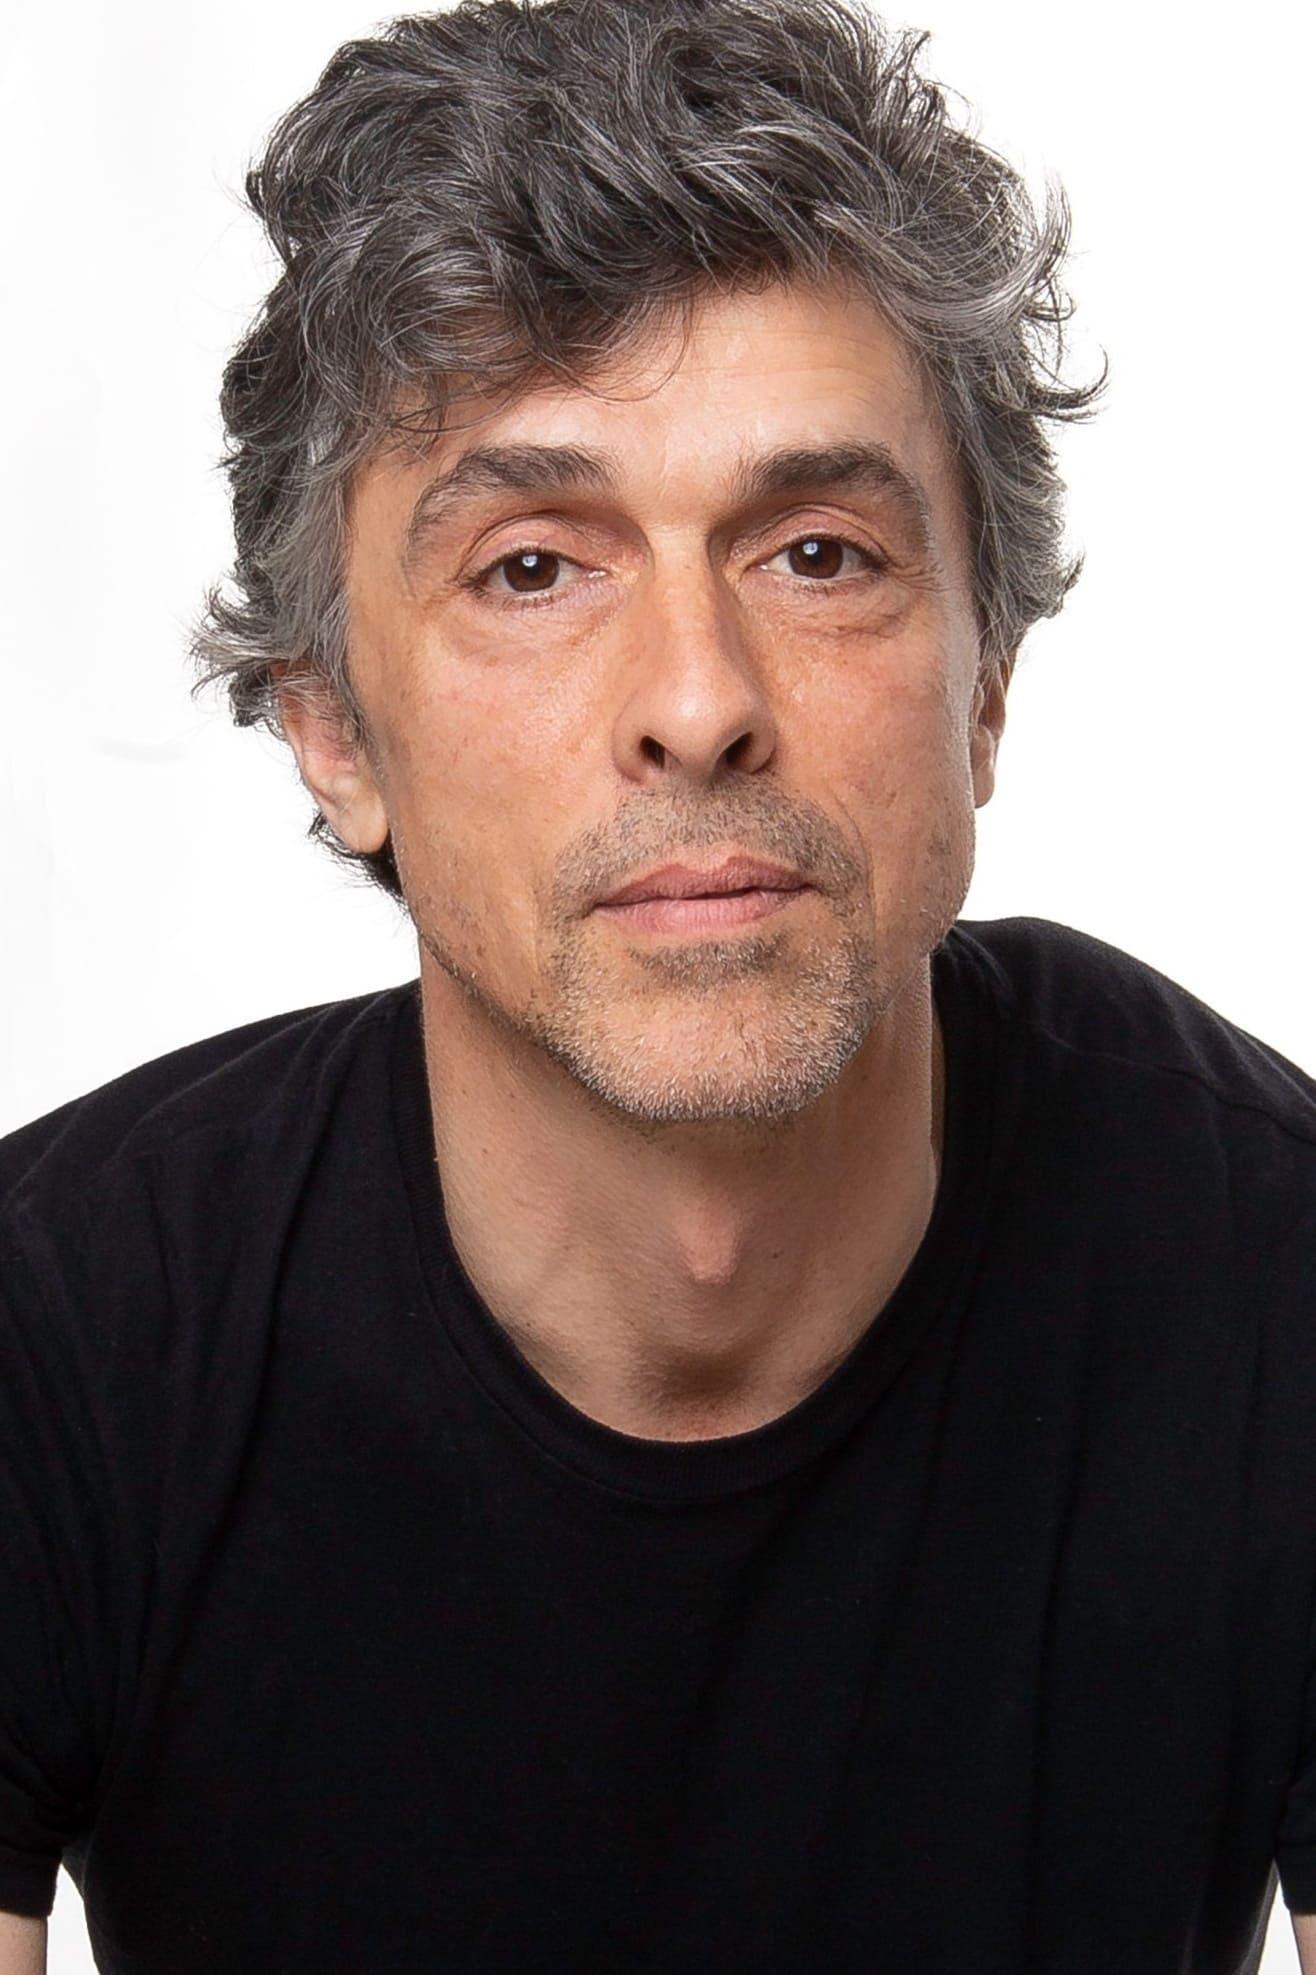 Victor Gonçalves